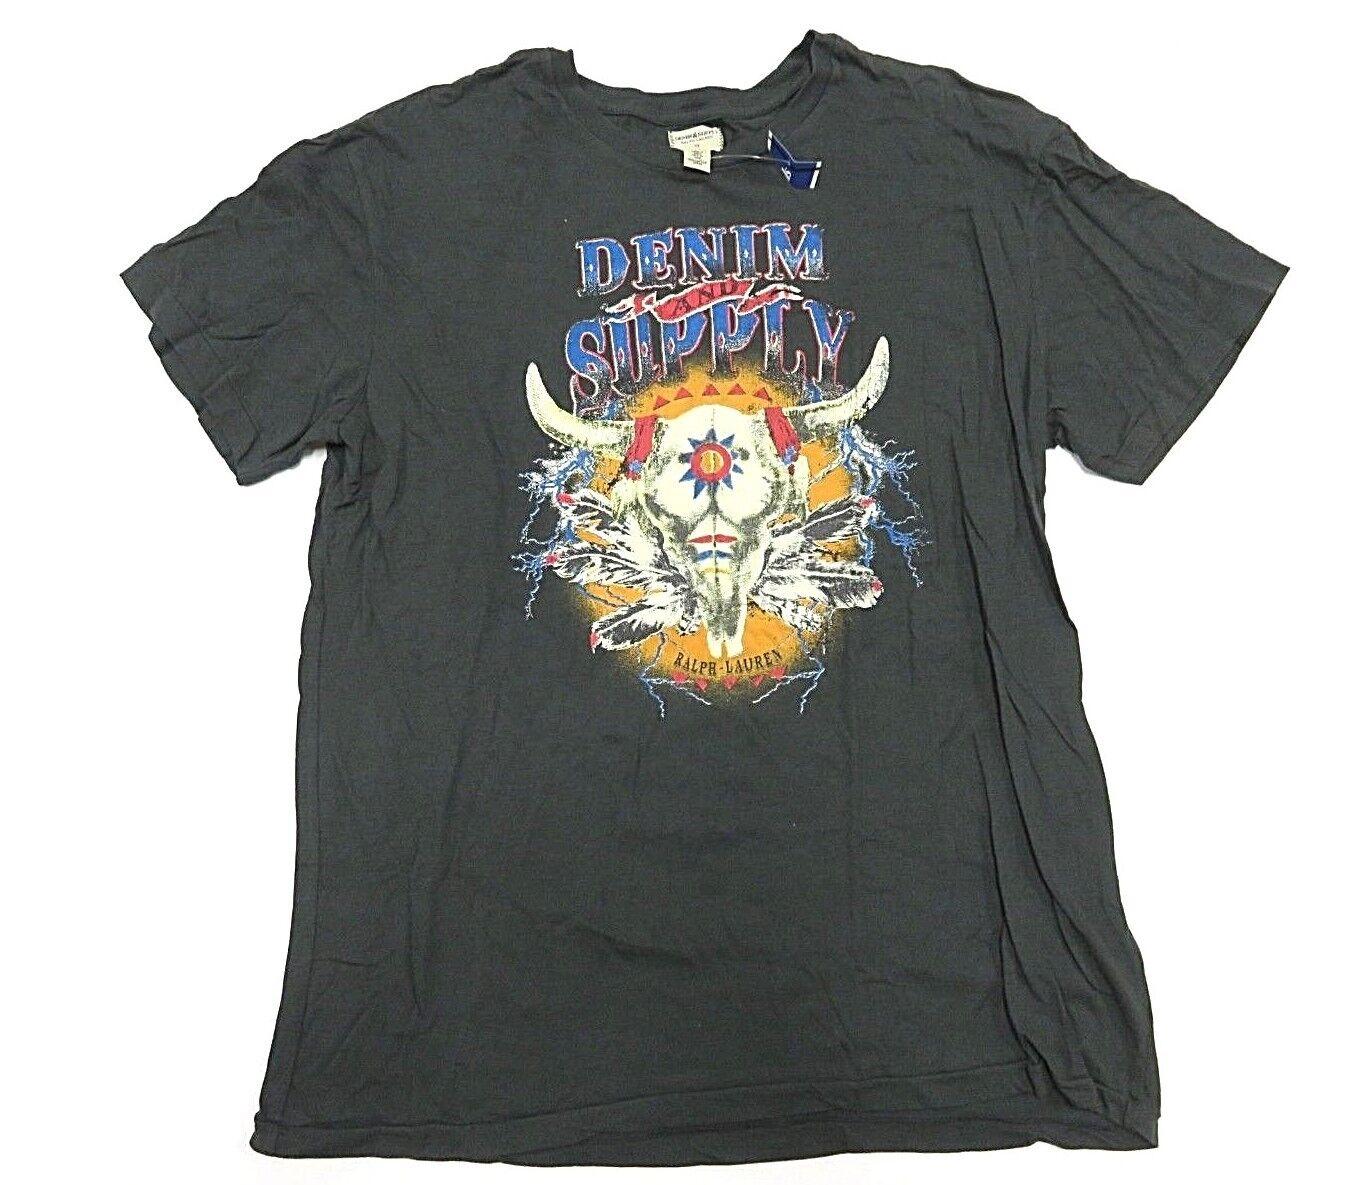 Denim & Supply by Ralph Lauren Western Theme Graphic Shirt Men's Size Medium